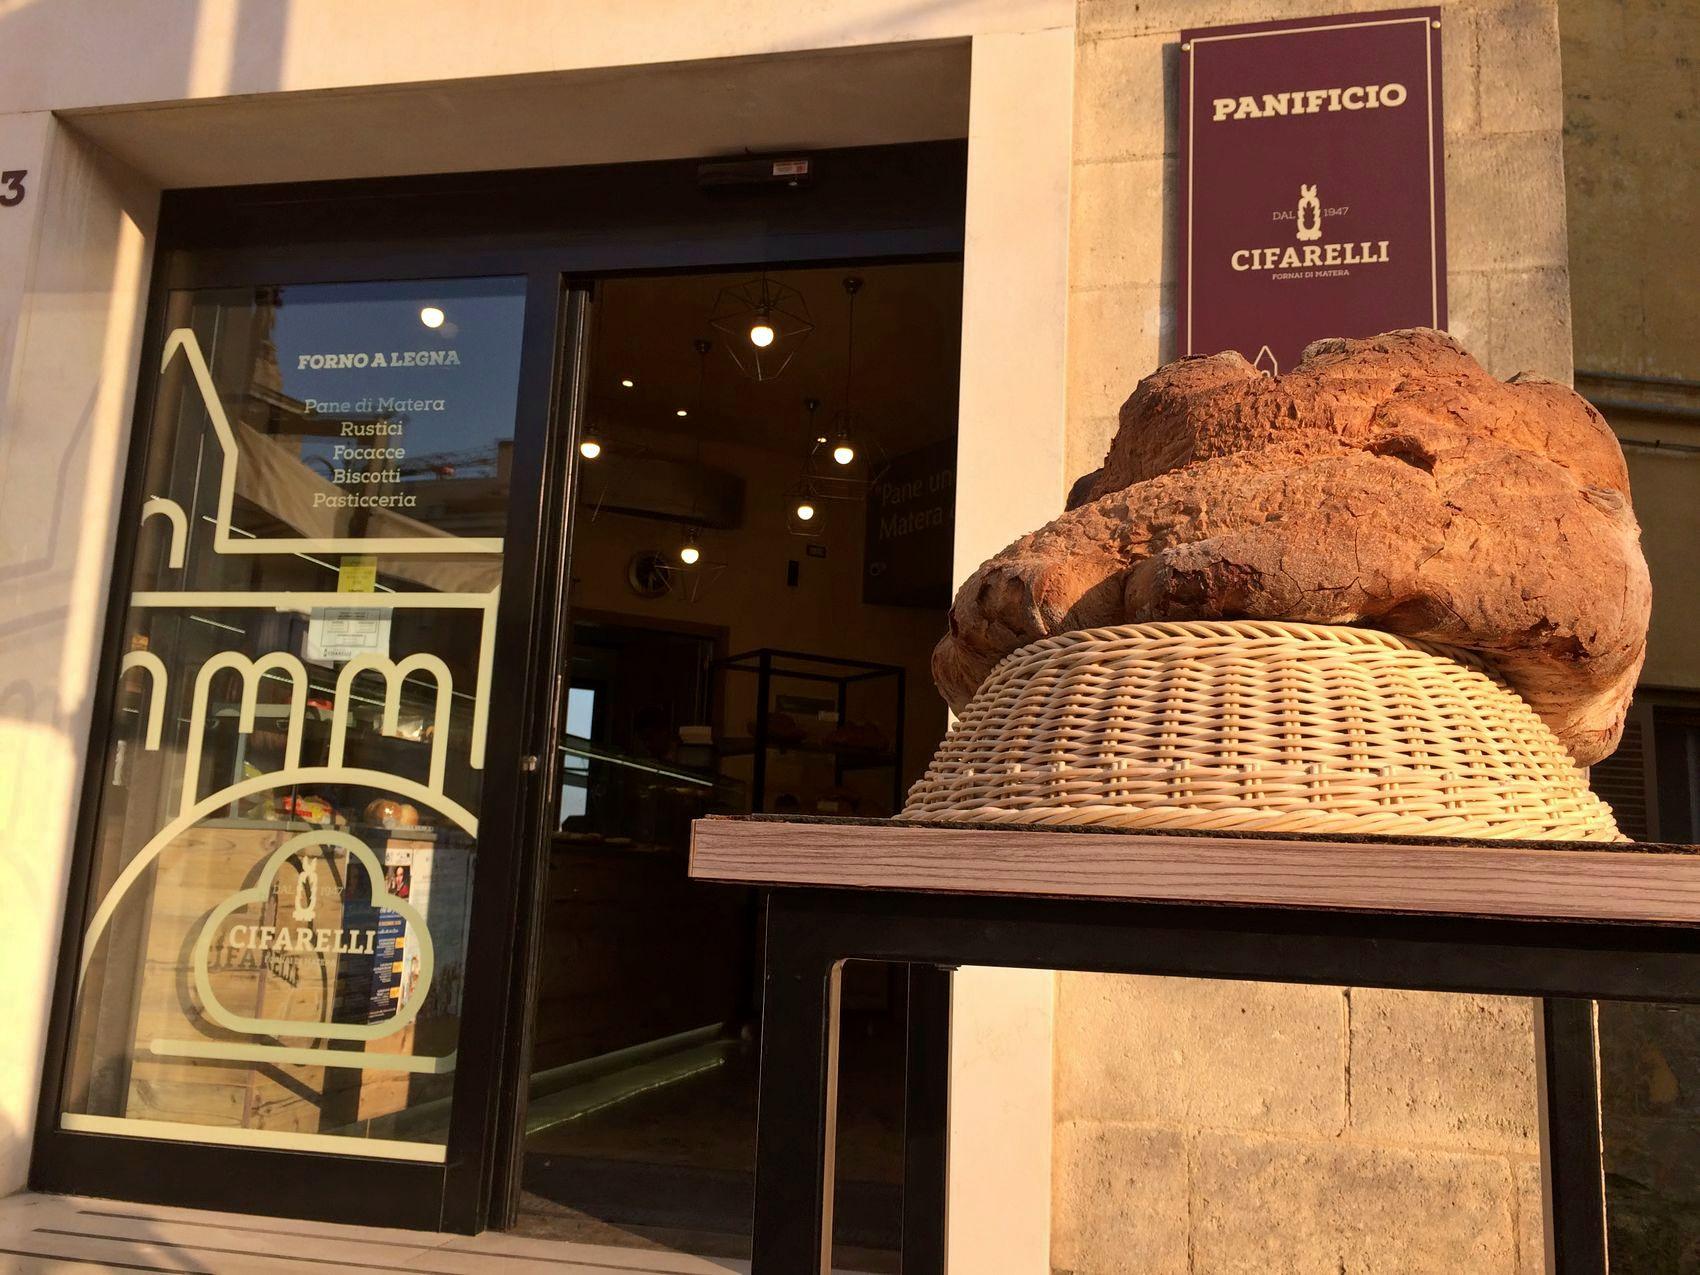 La destinazione italiana più cool del 2019 è Matera: il pane di Matera